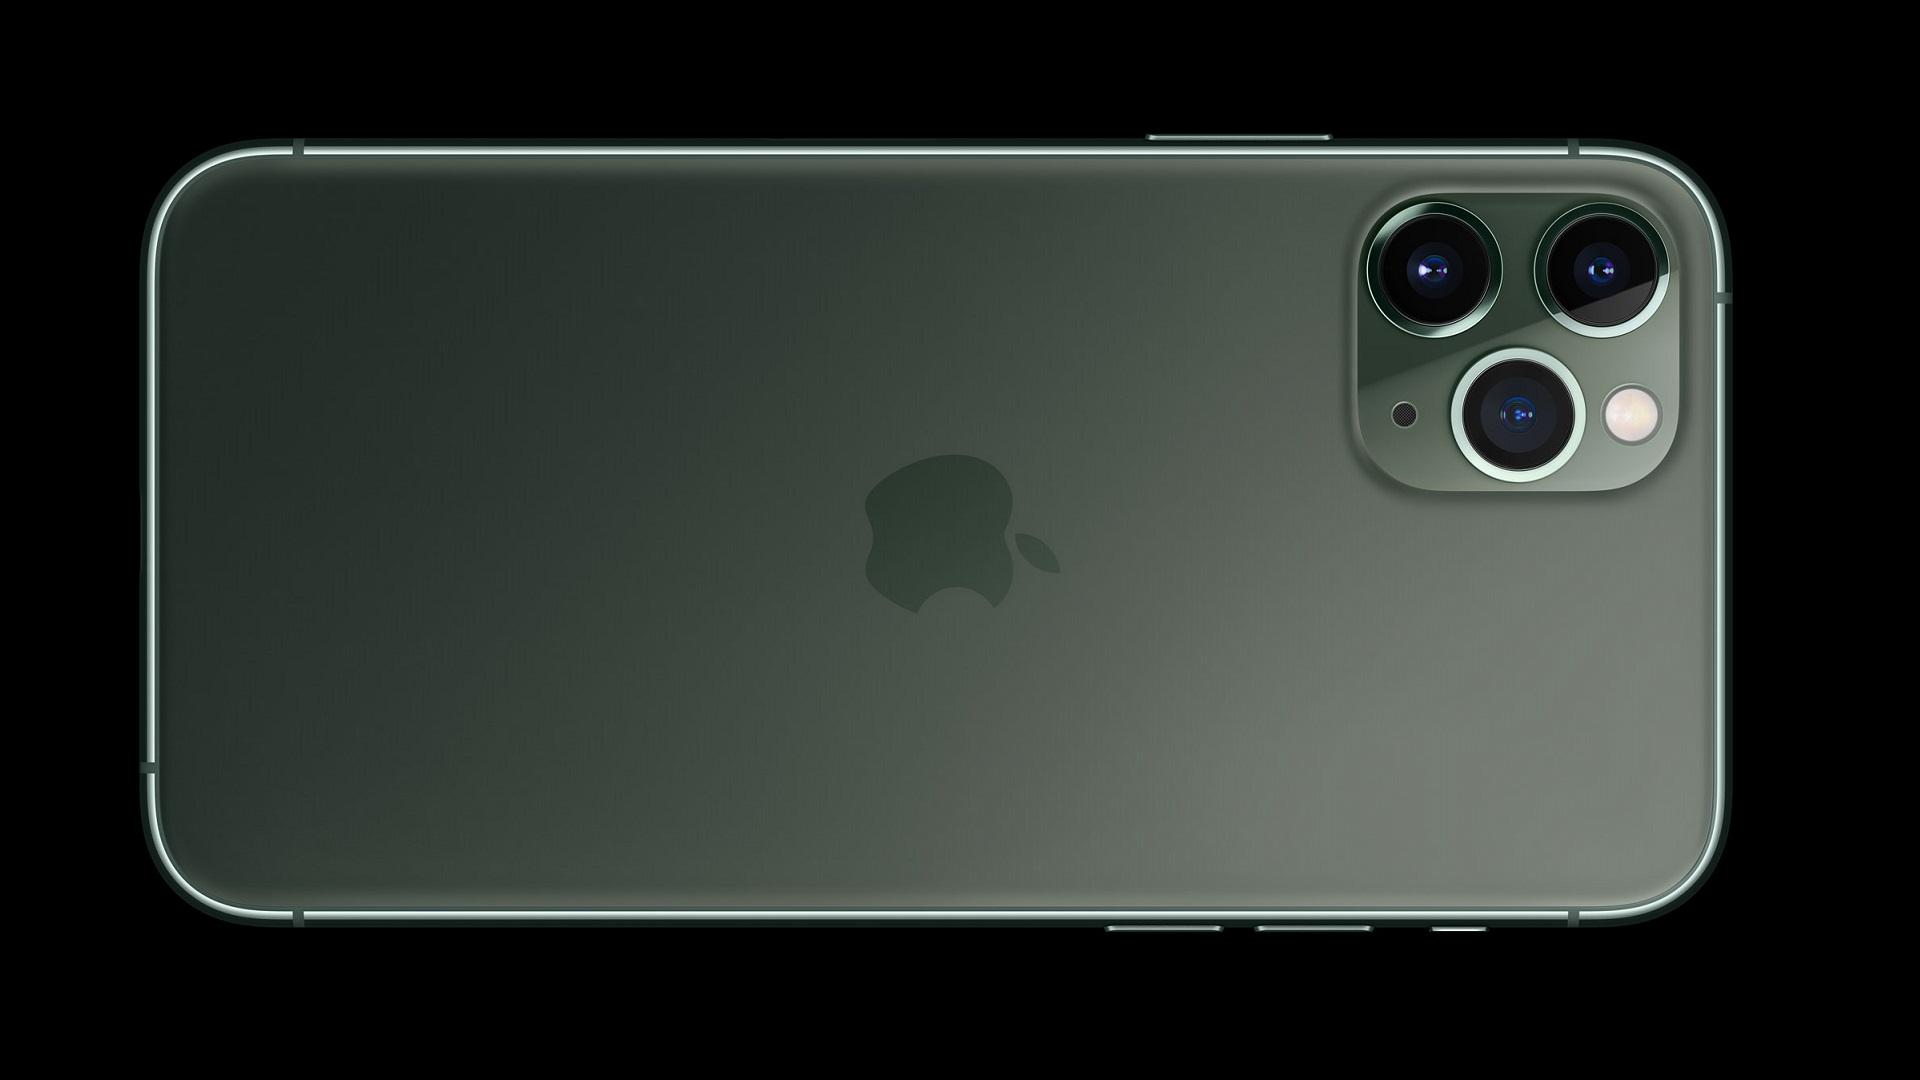 アップルがiPhone 11 Proを発表 - 4K/60fpsを記録